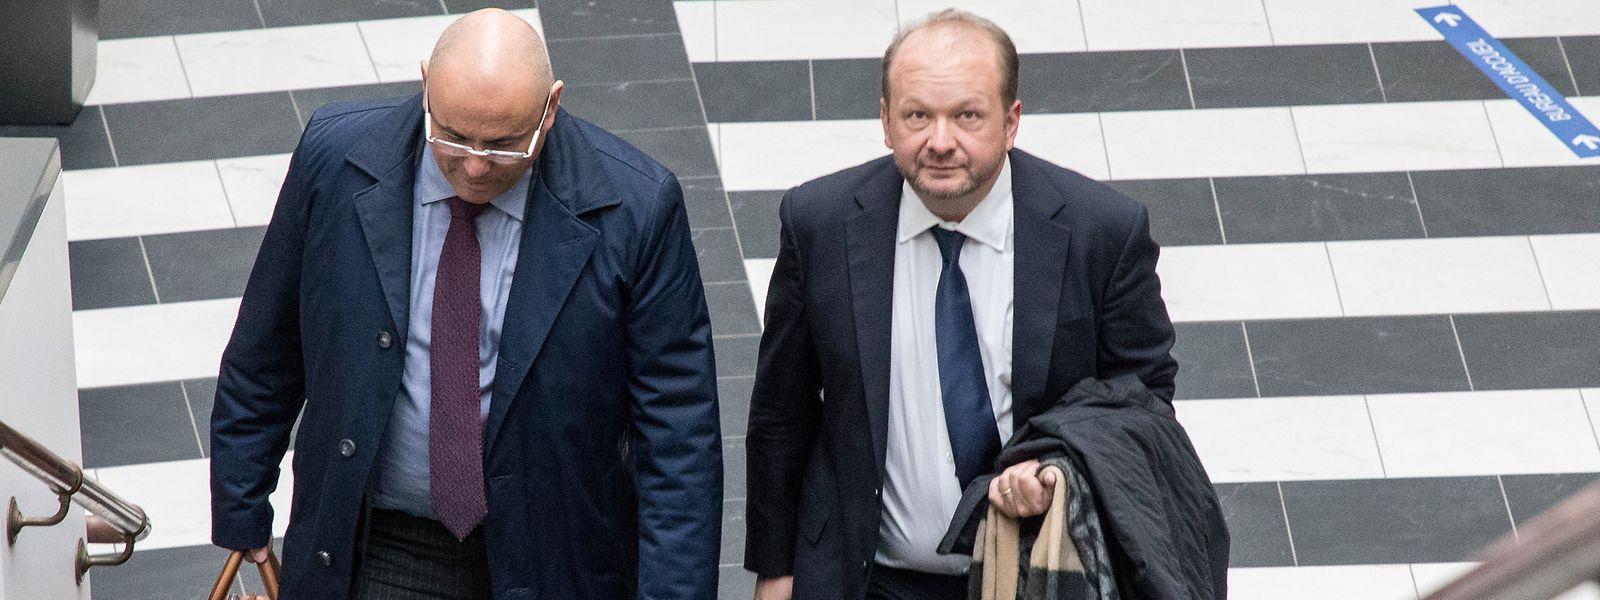 Frank Schneider, ici juste avant le procès du SREL en octobre 2020, restera en prison en France au moins jusqu'au 23 septembre prochain, date prévue de la prochaine audience auprès de la cour d'appel de Nancy.